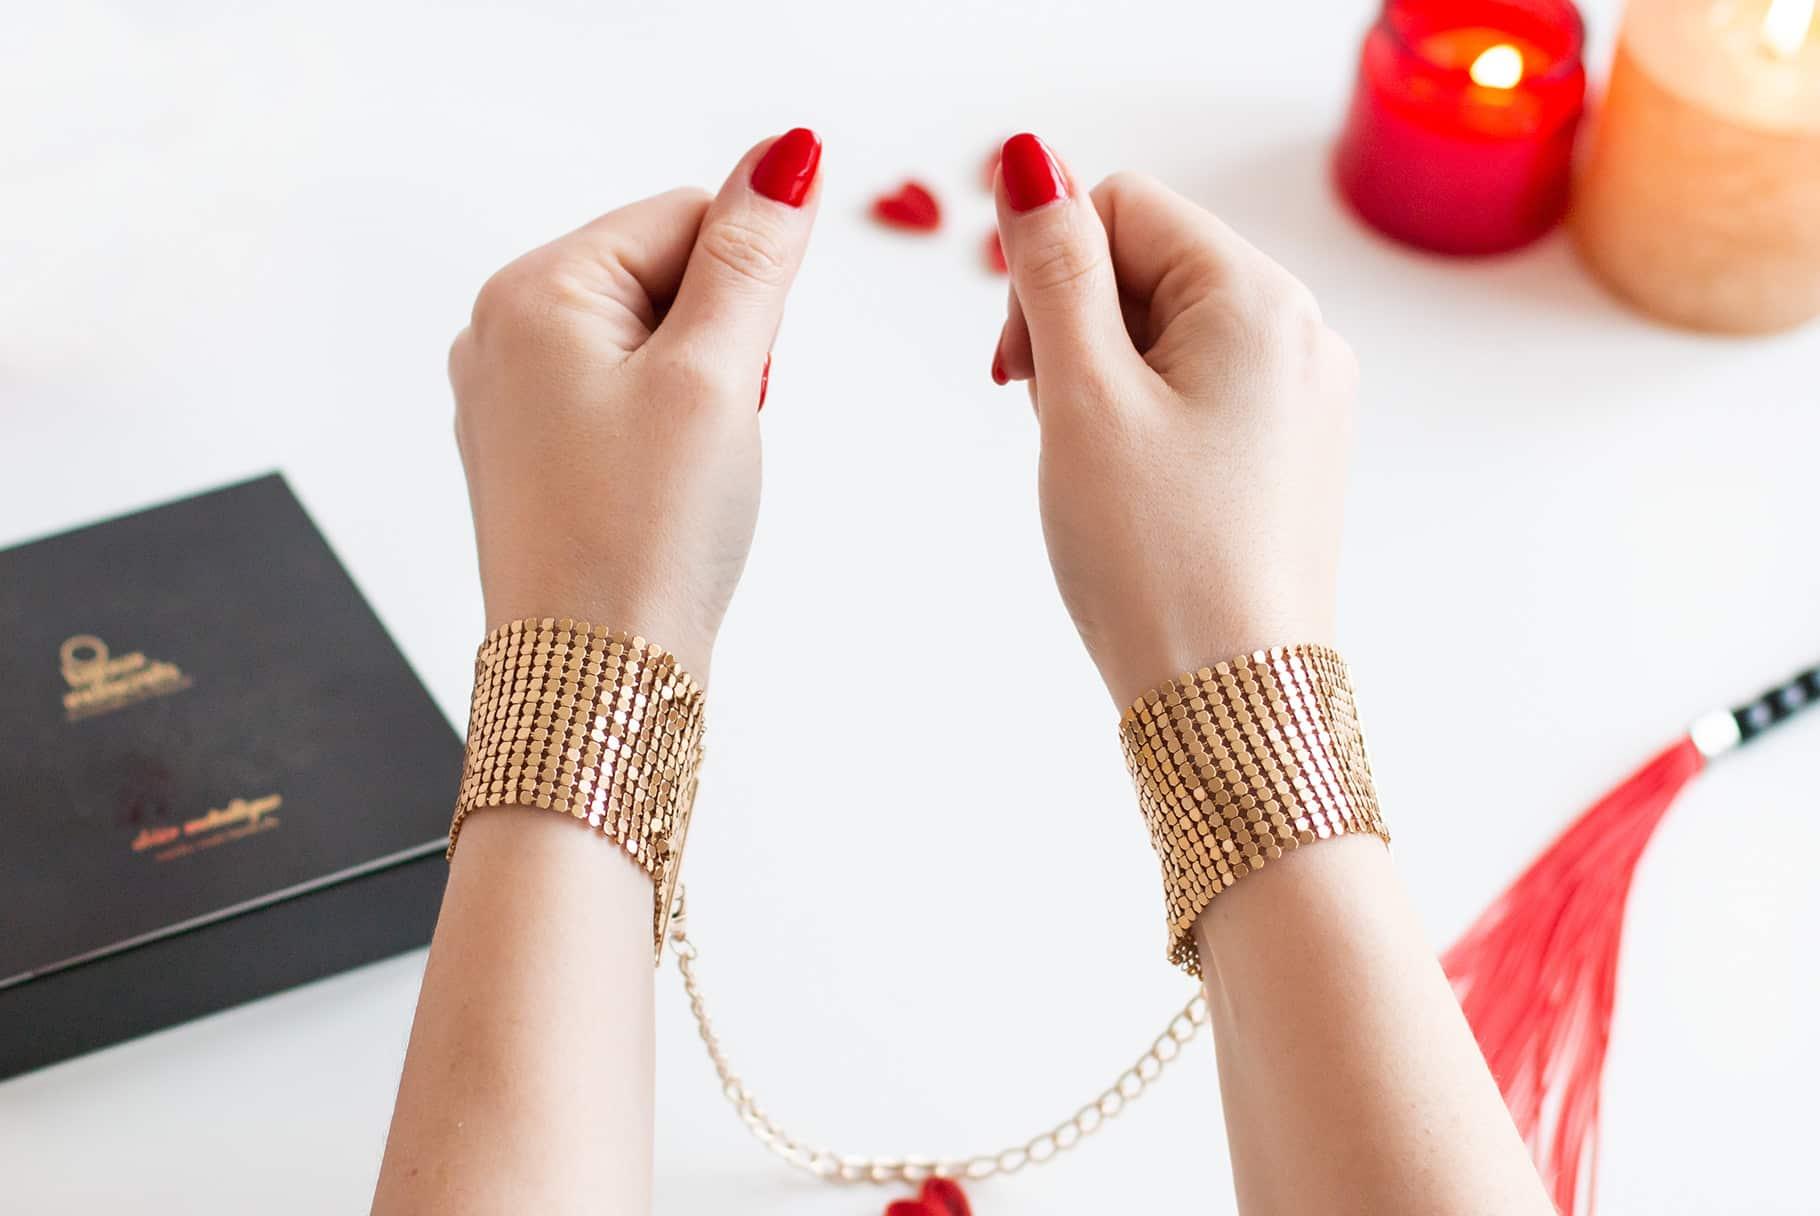 Bijoux Indiscrets Désir Métallique – biżuteria i kajdanki w jednym | Recenzja